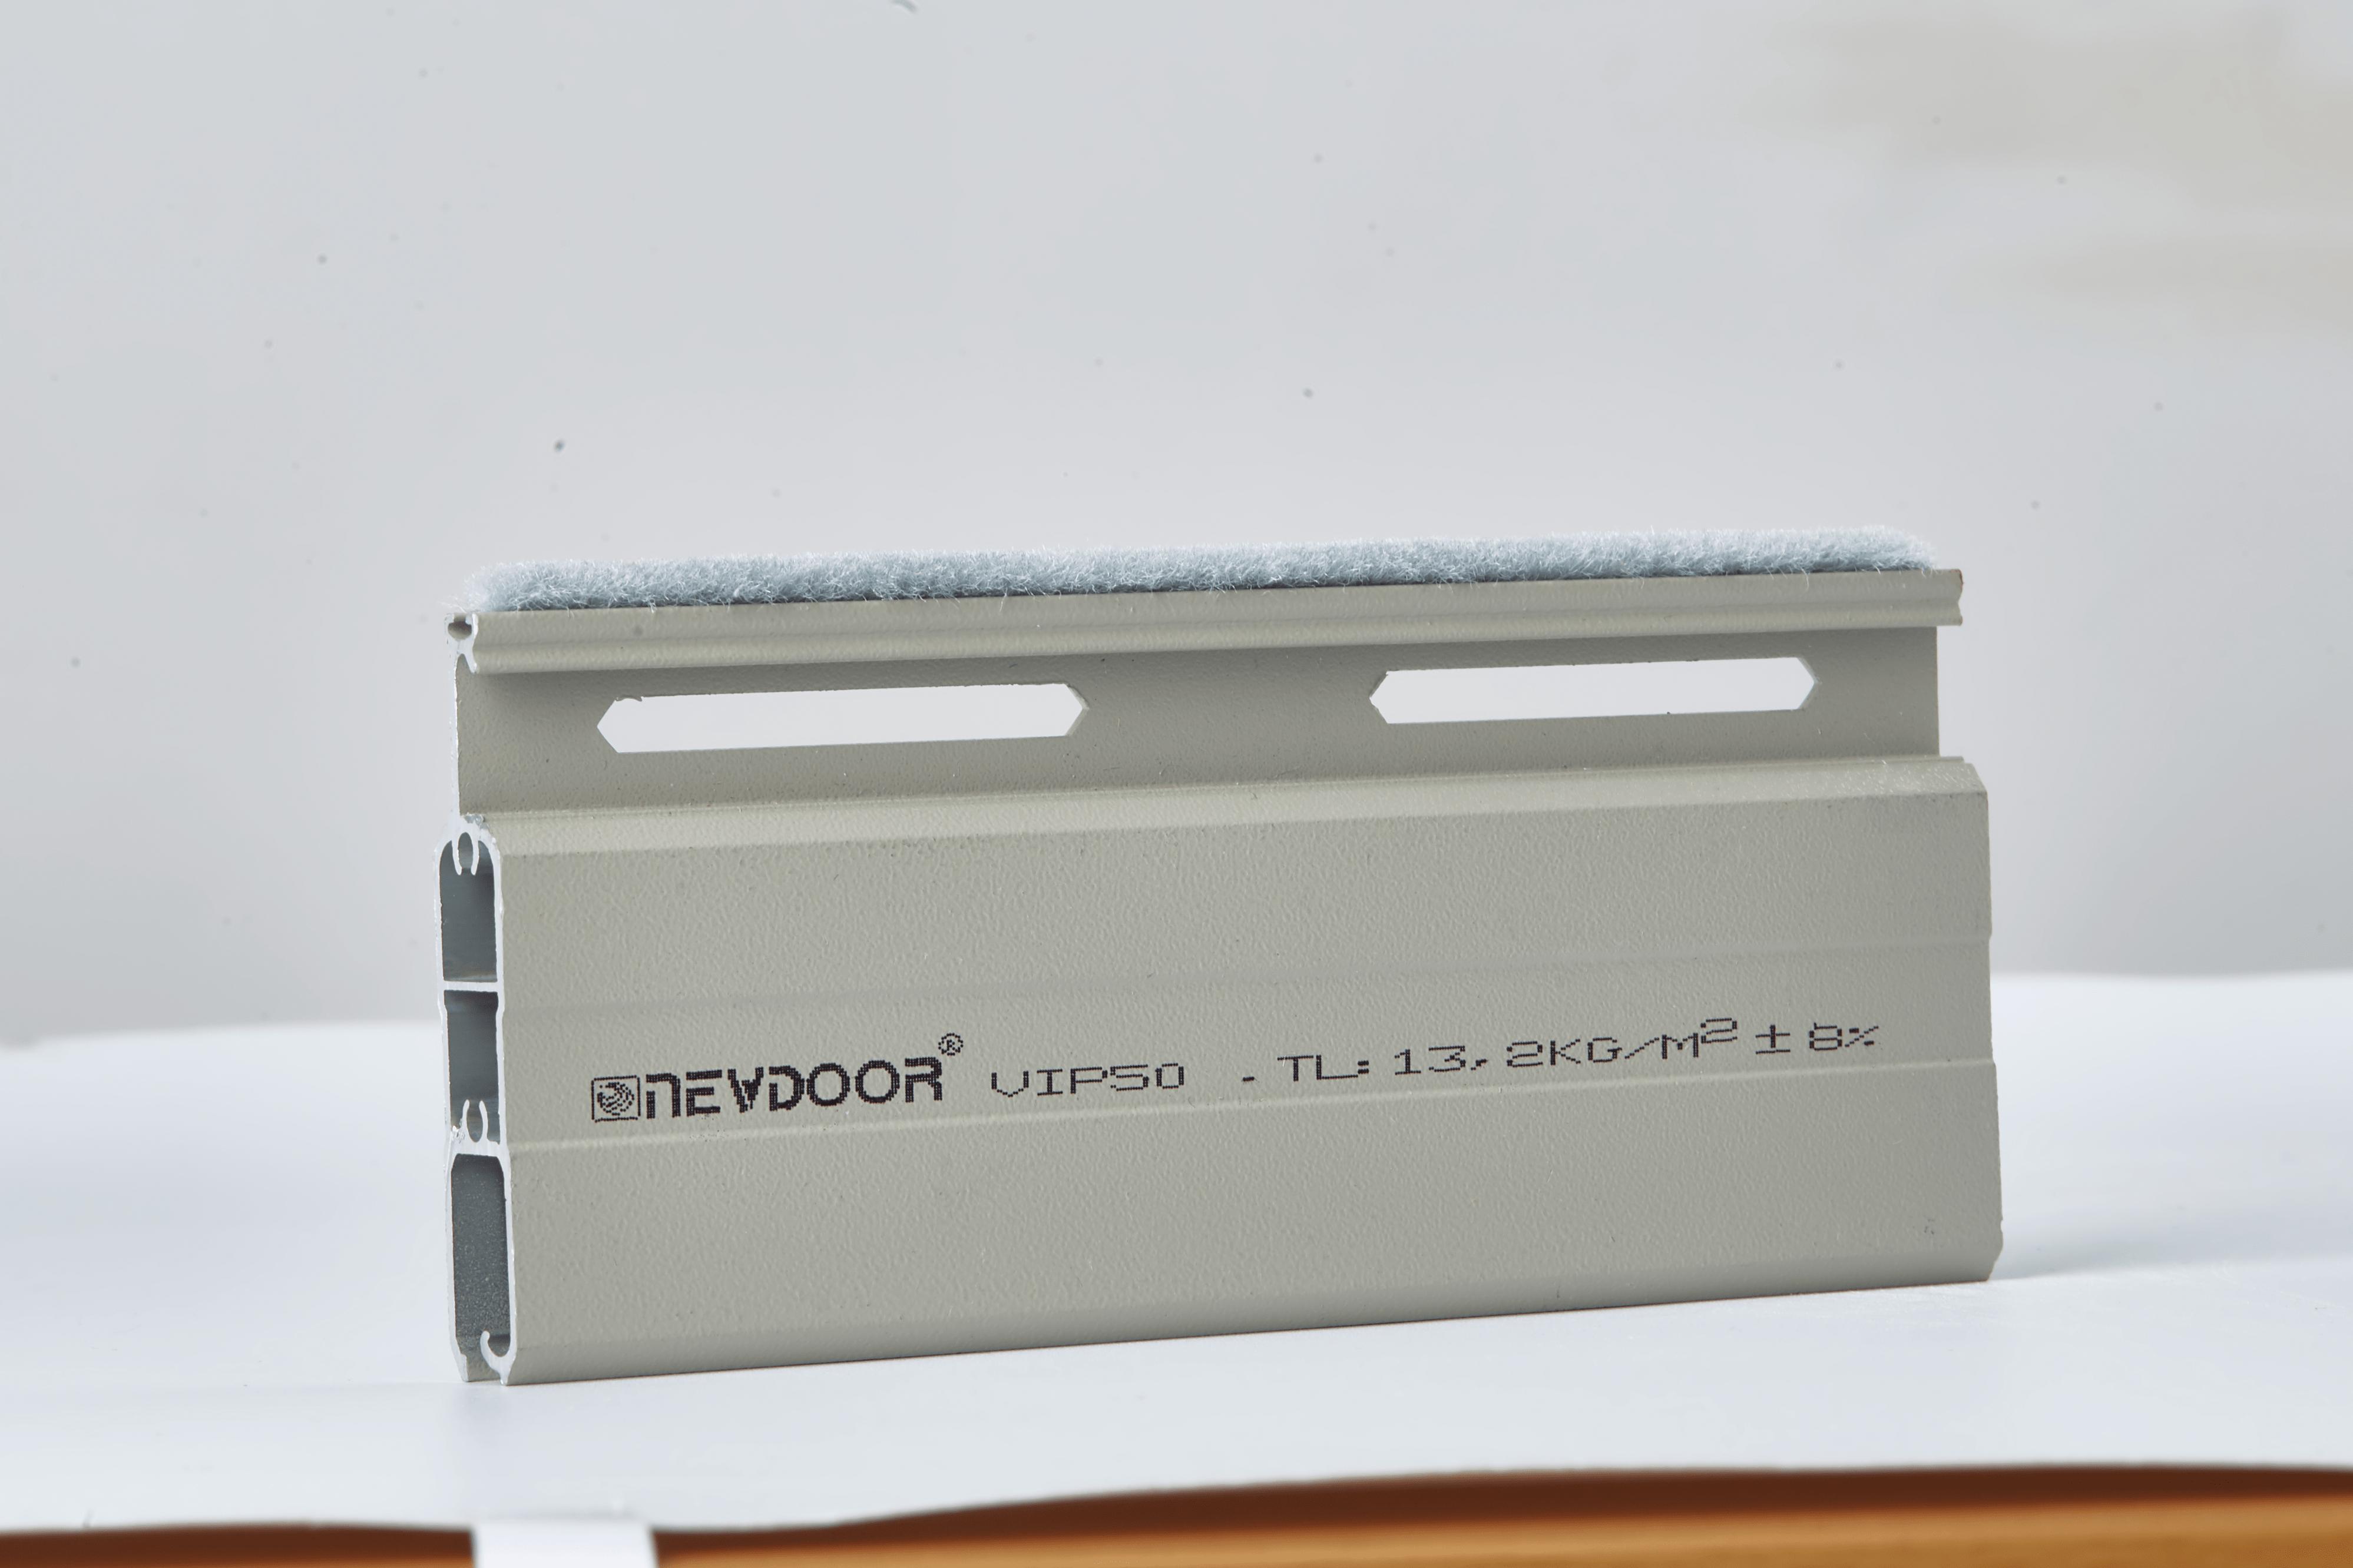 Newdoor VIP 50